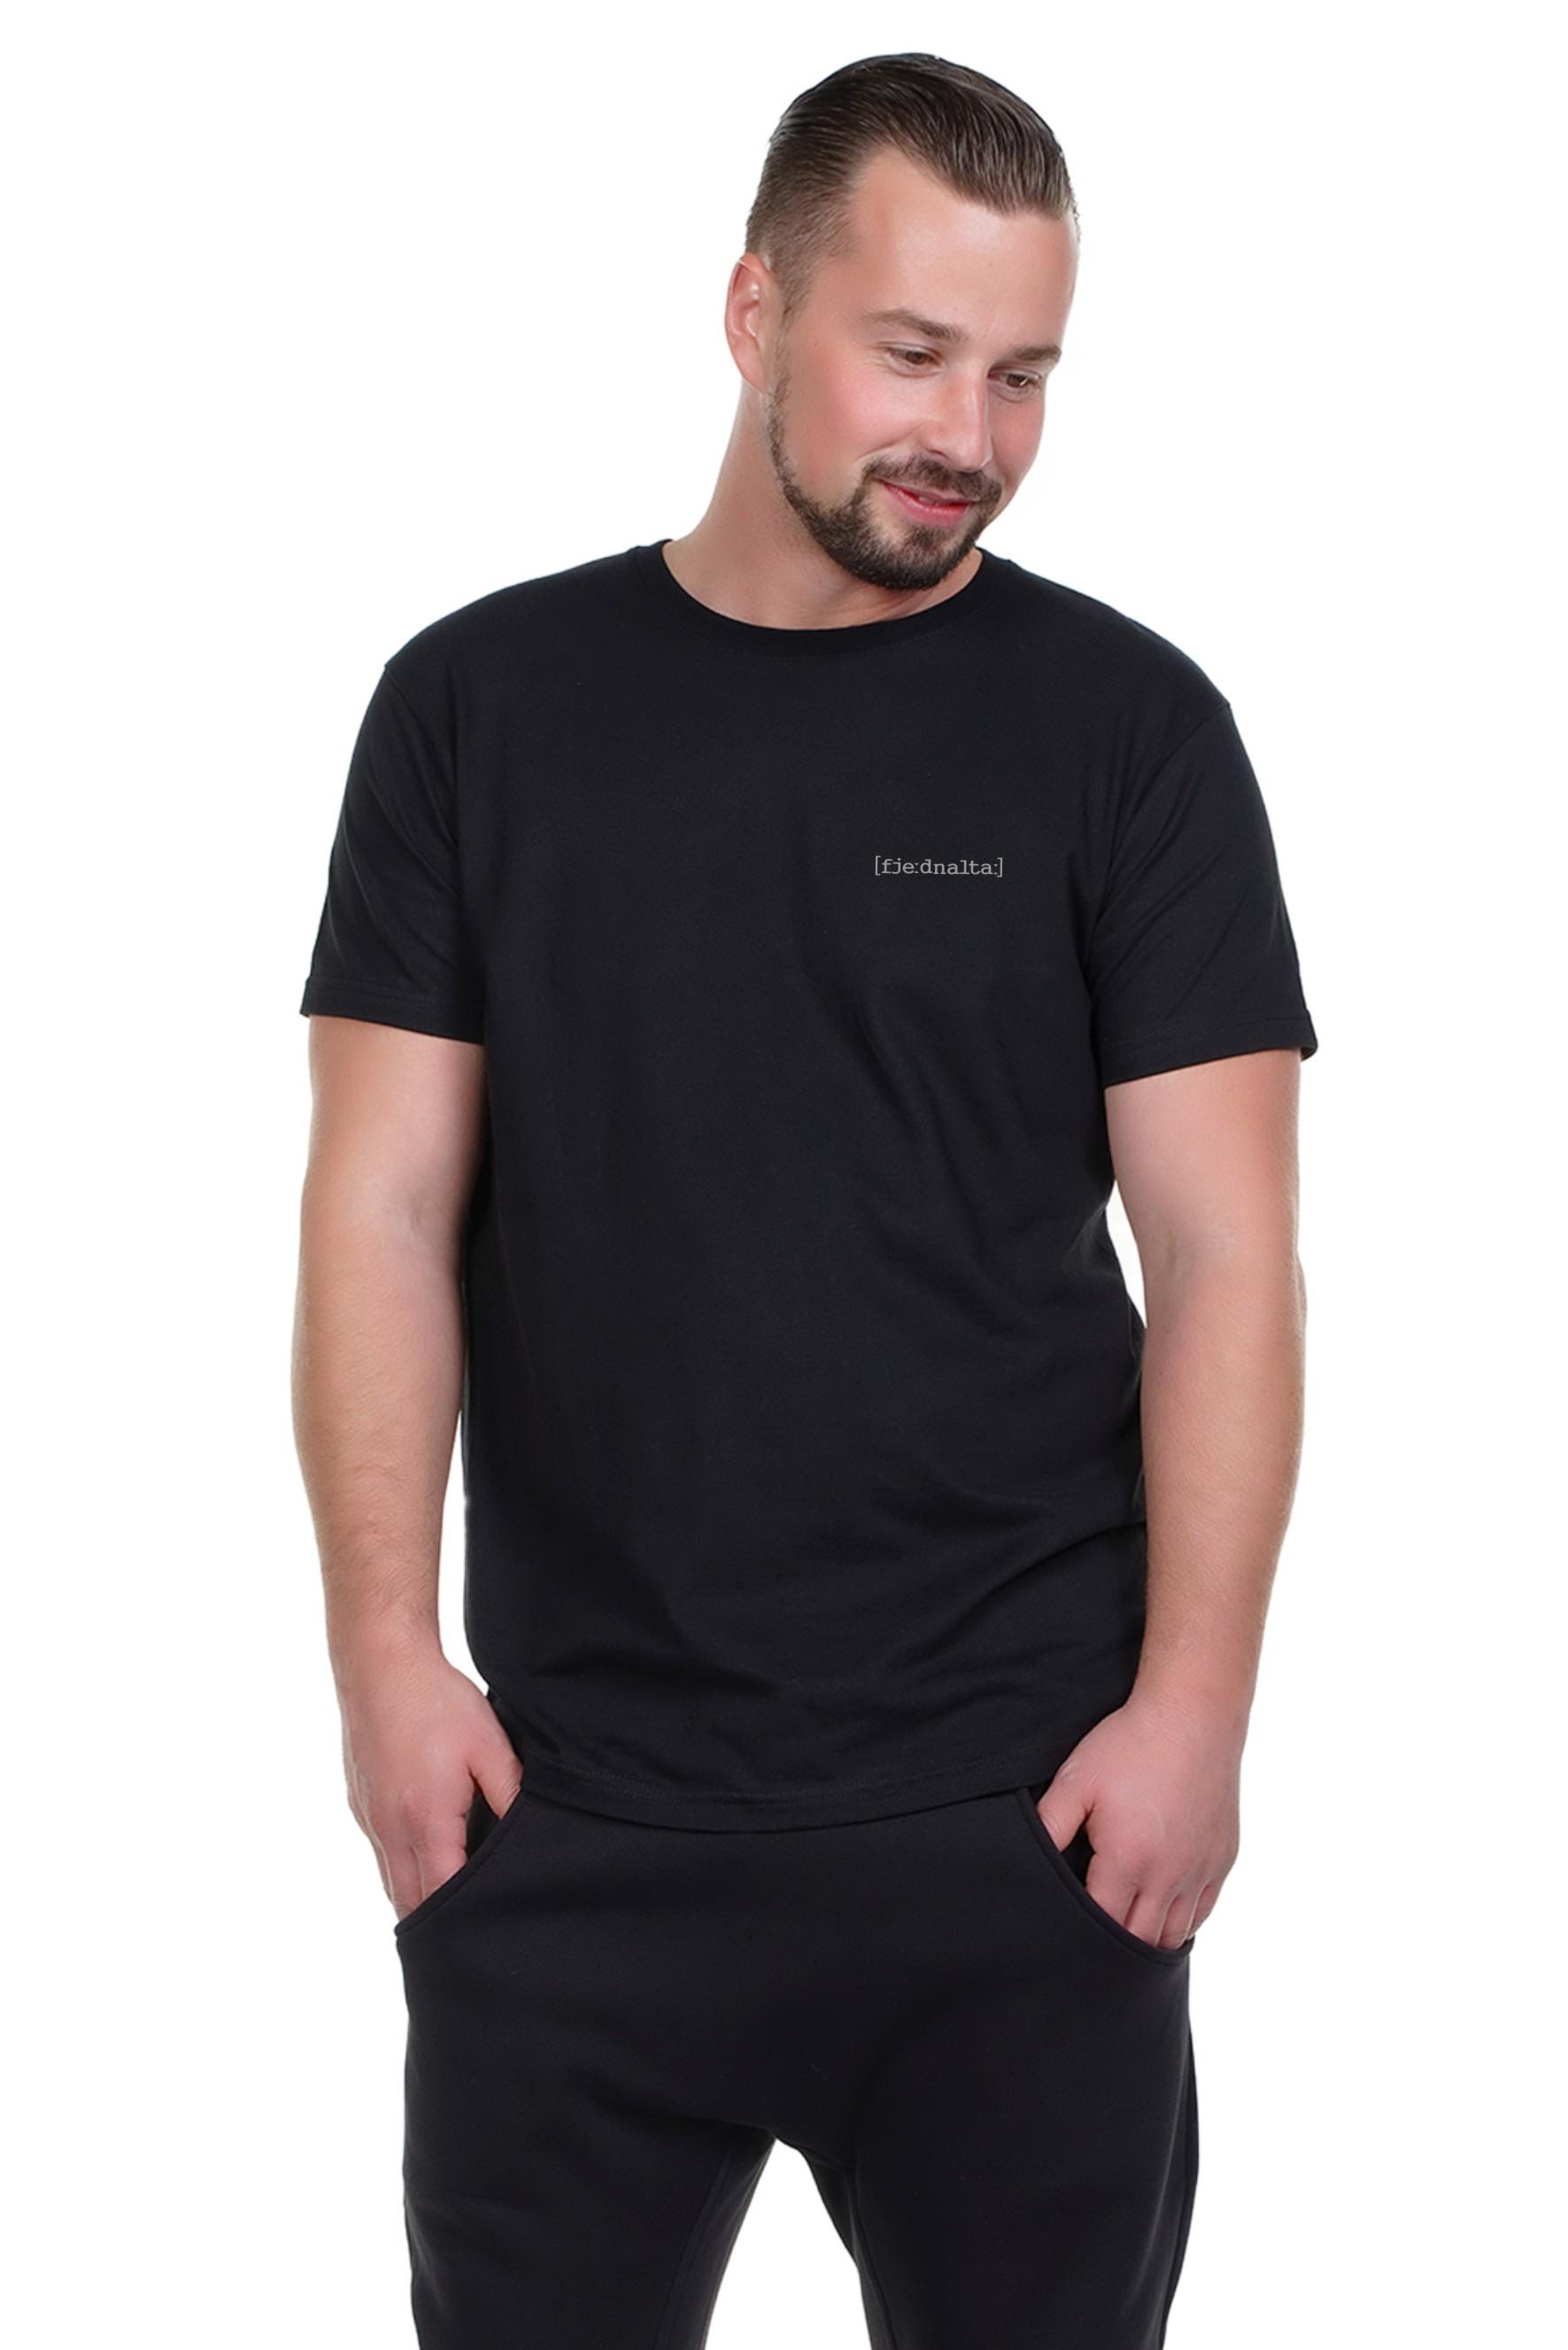 Spree Shirt Männer schwarz uff jeden Alta